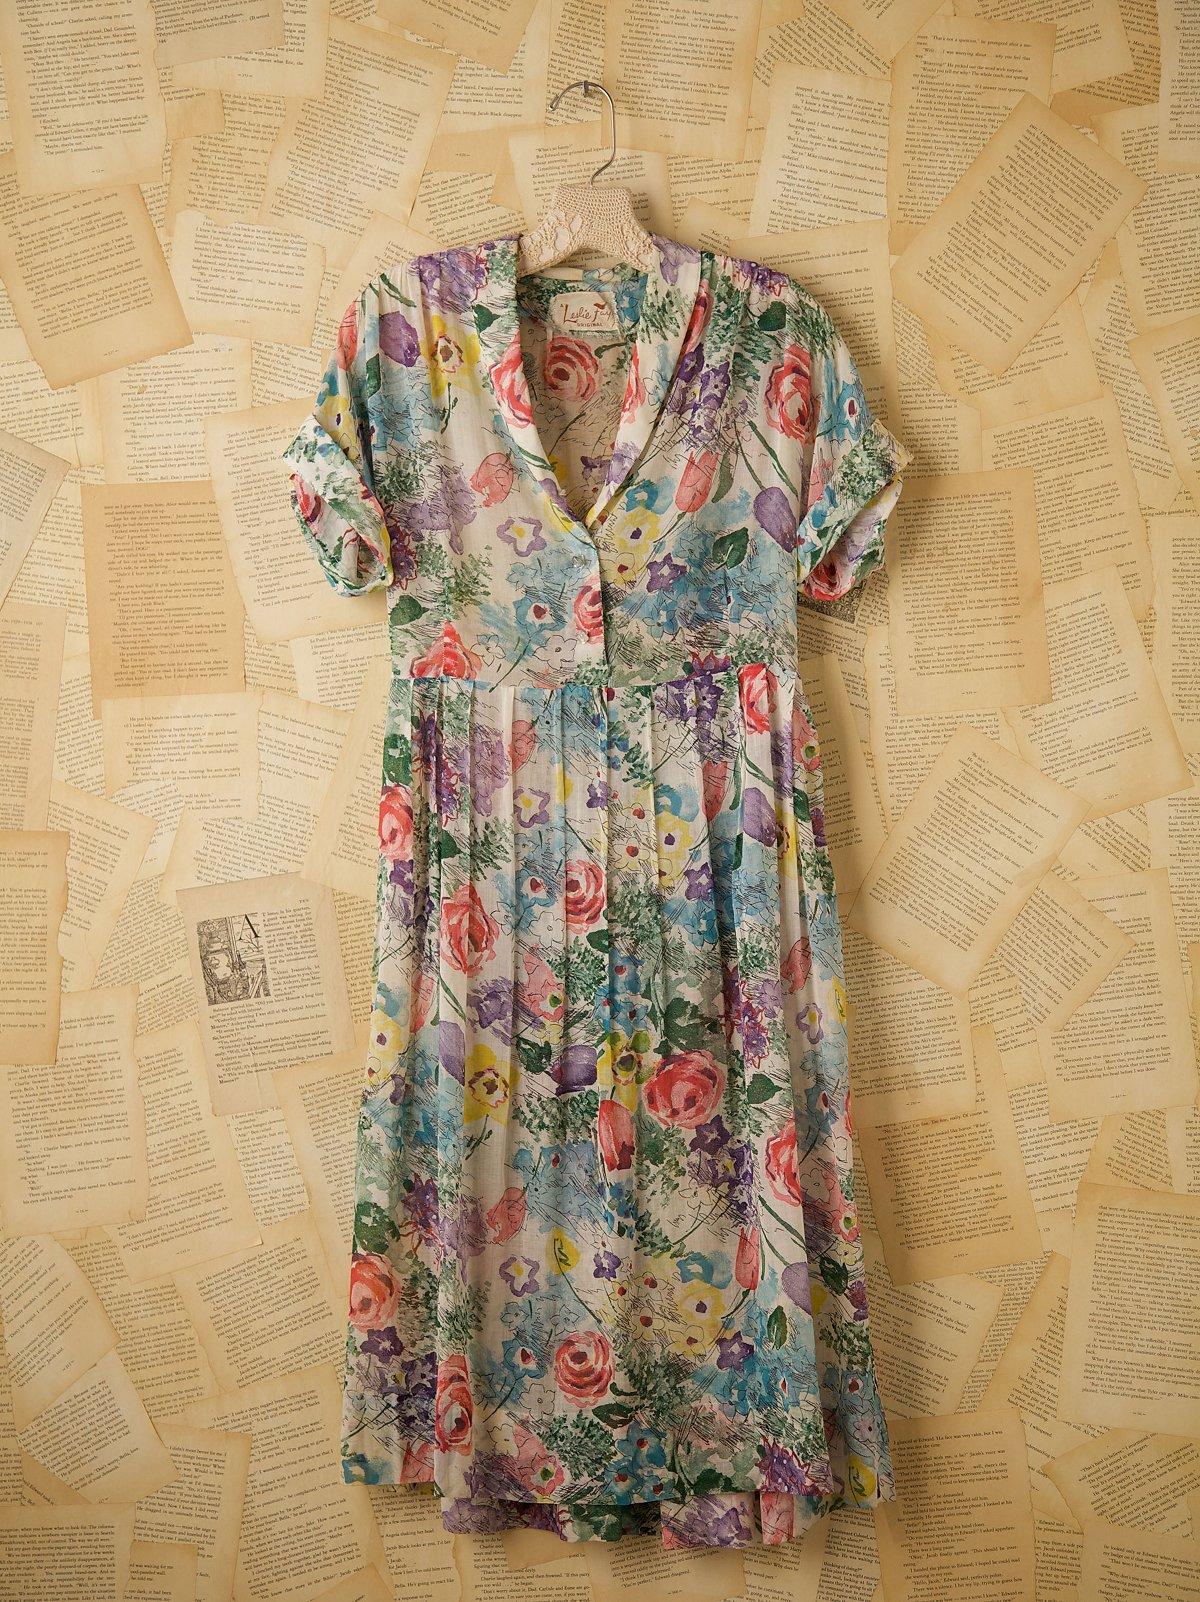 Vintage 1920s/30s Cotton Print Dress